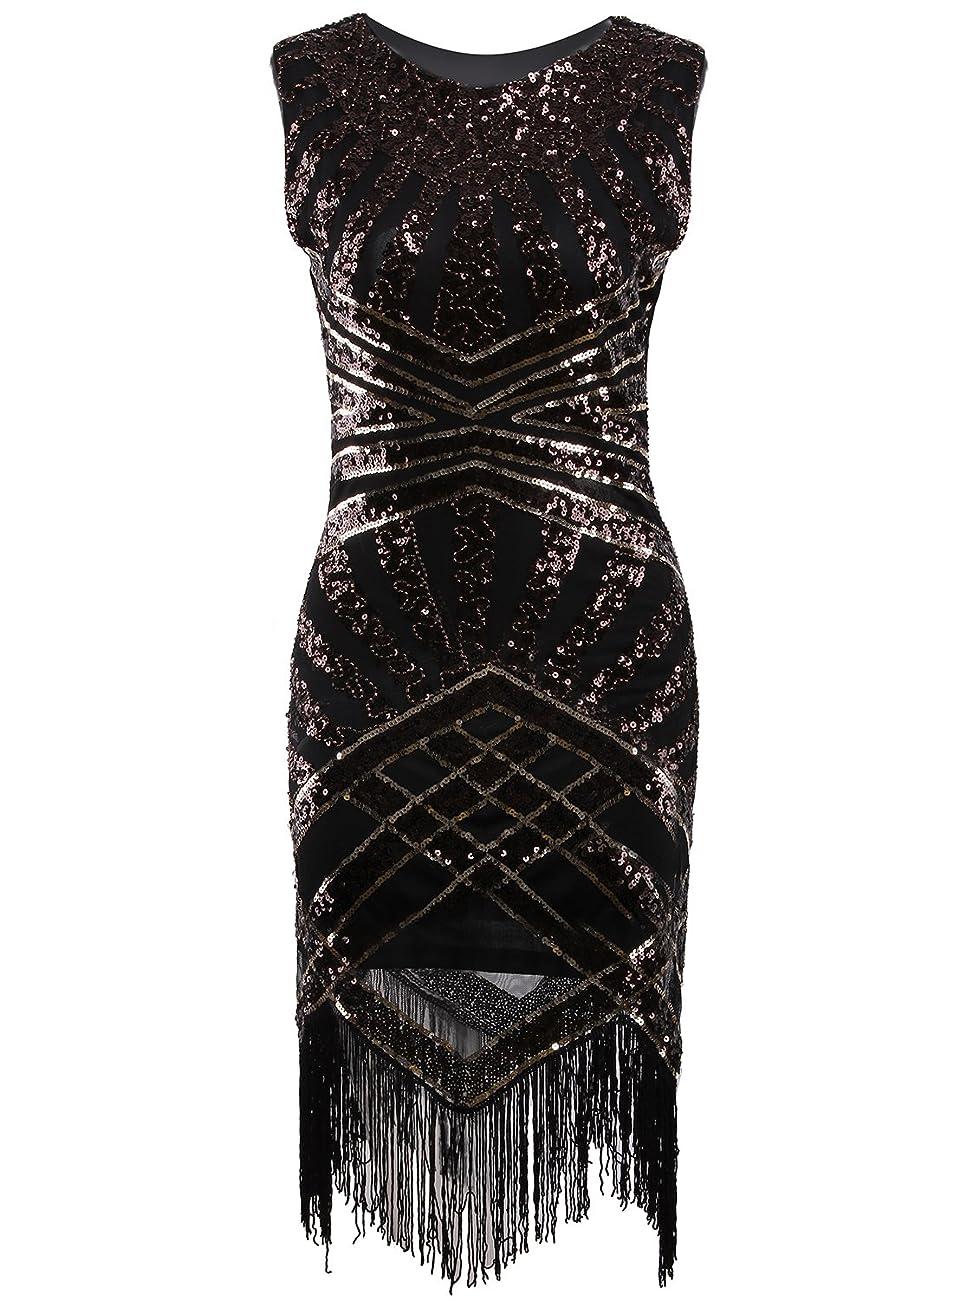 Vijiv Vintage 1920s Embellished Art Nouveau Fringe Sequin Beaded Flapper Dress 1